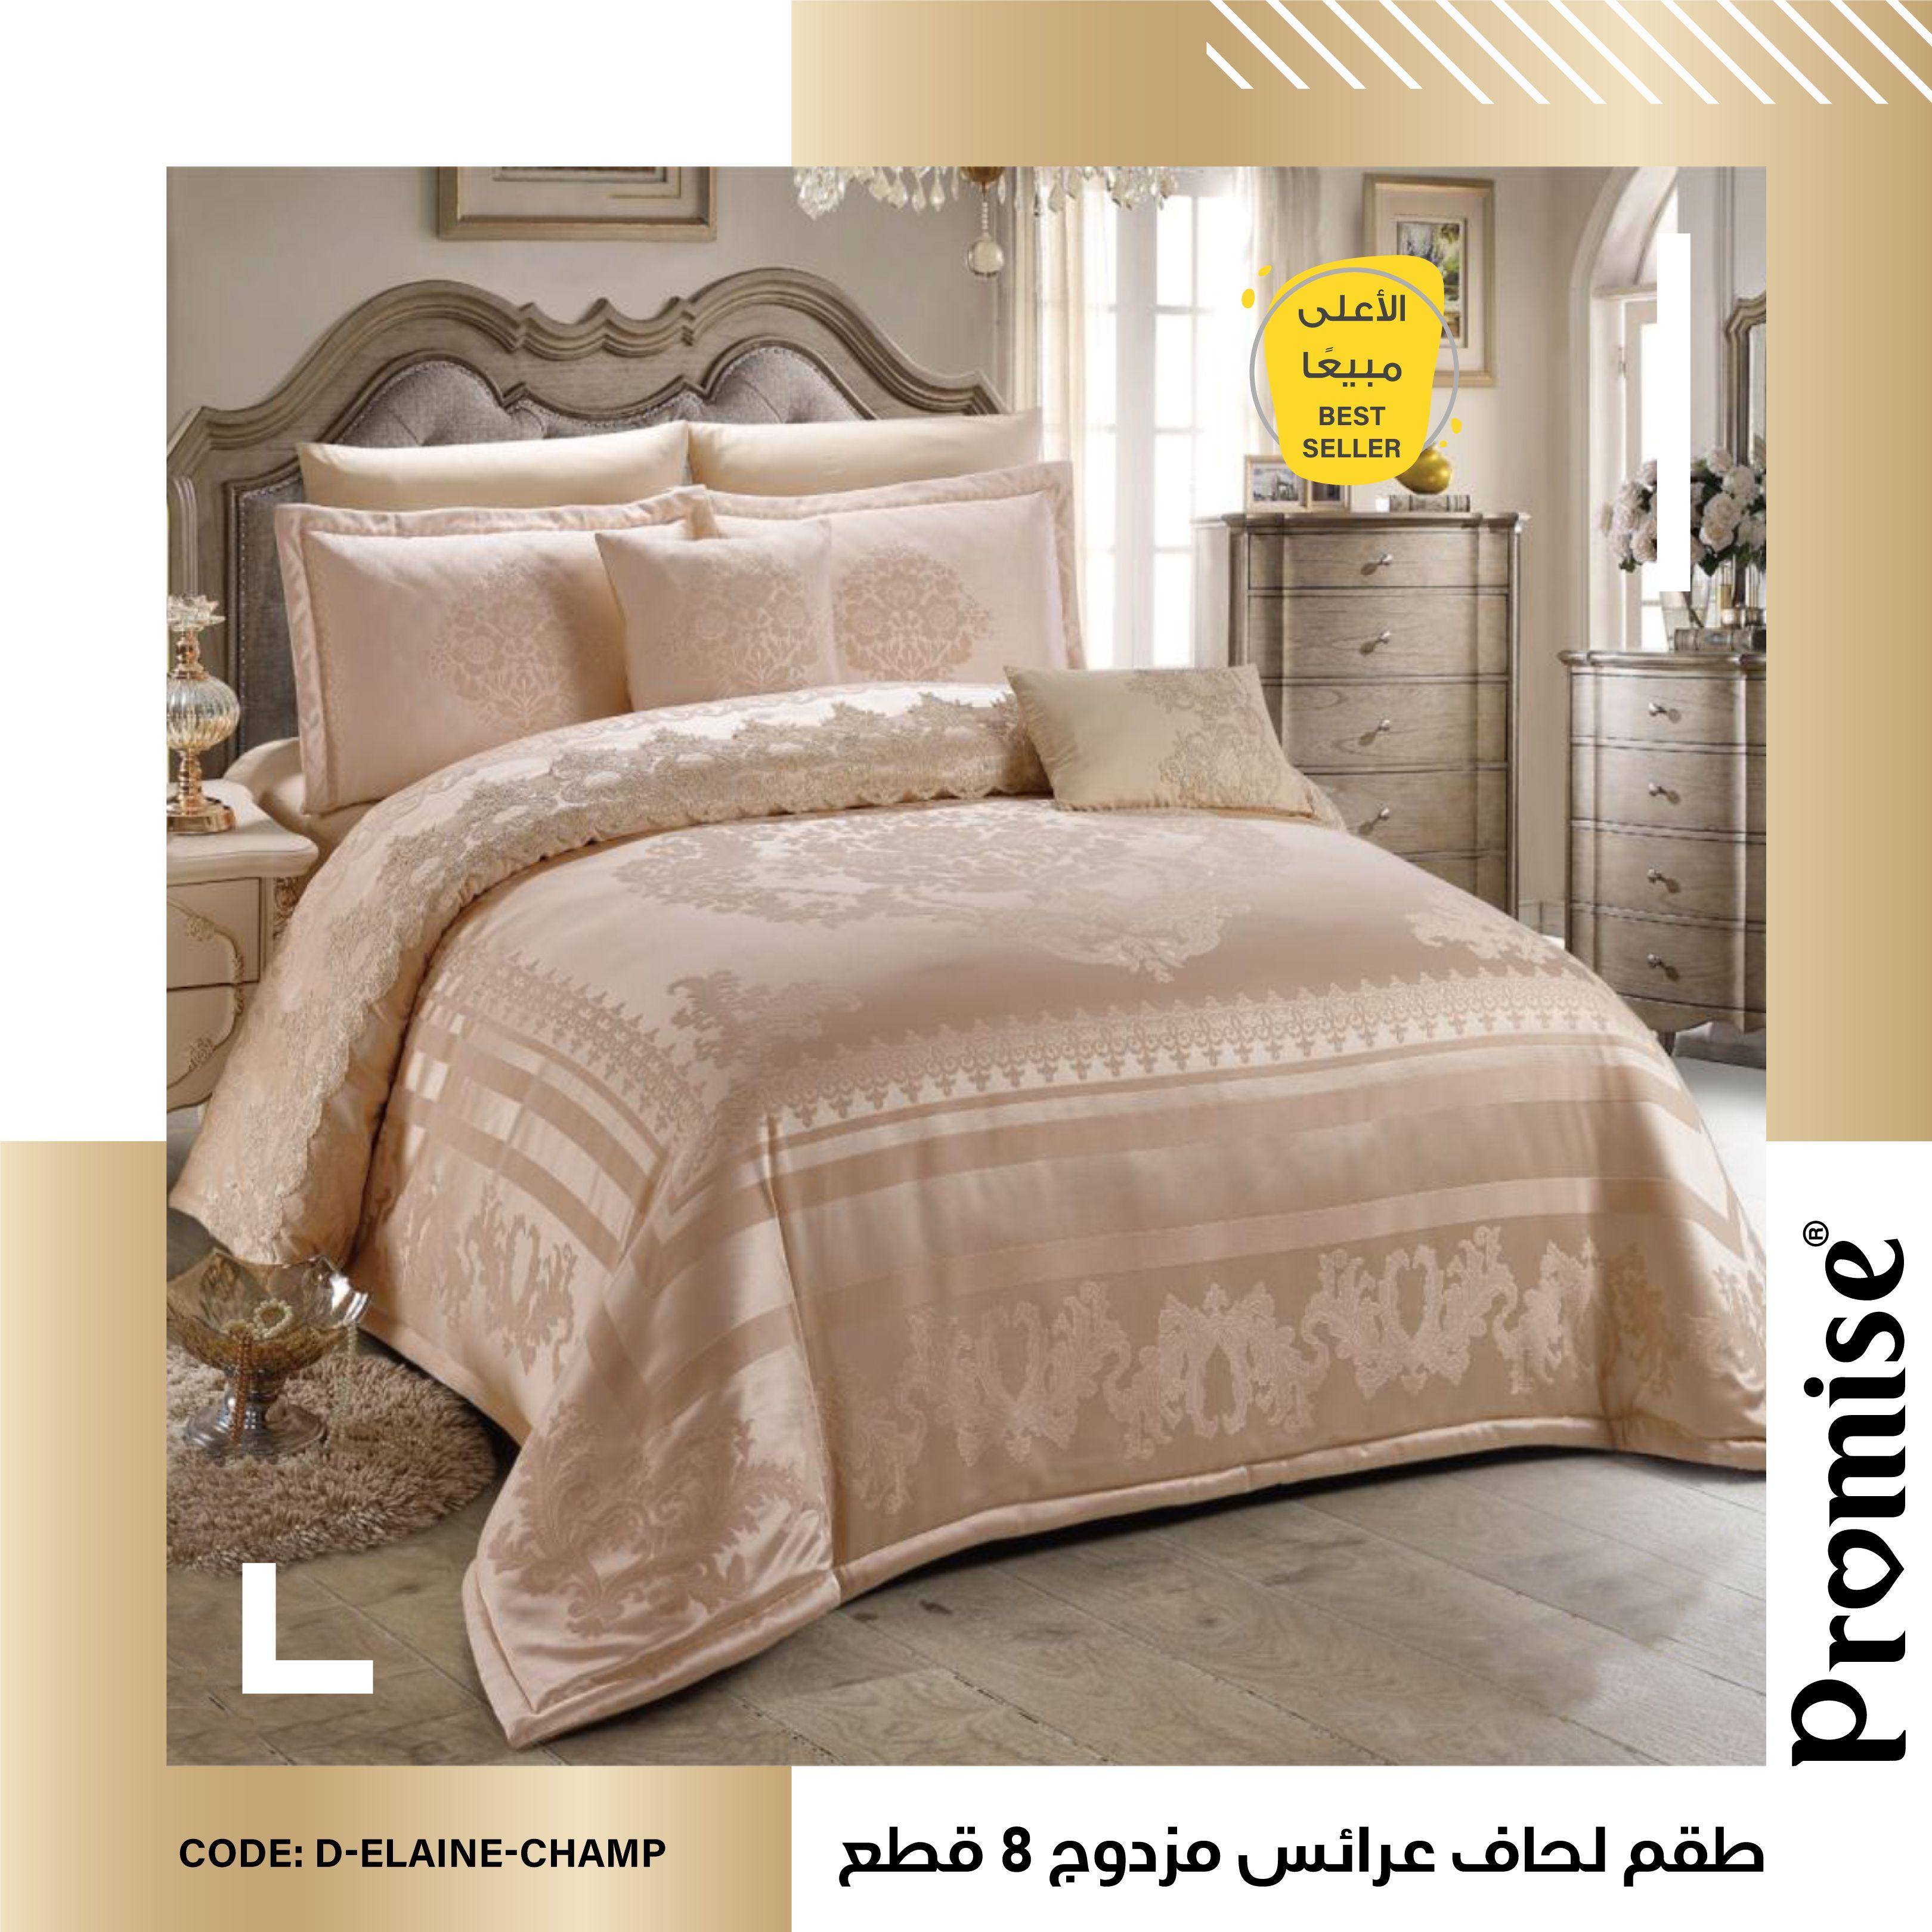 مفرش فاخر بألوانه ونقوشاته الهادئة التي تعطيك لمسة أنيقة لغرفتك Home Decor Home Furniture